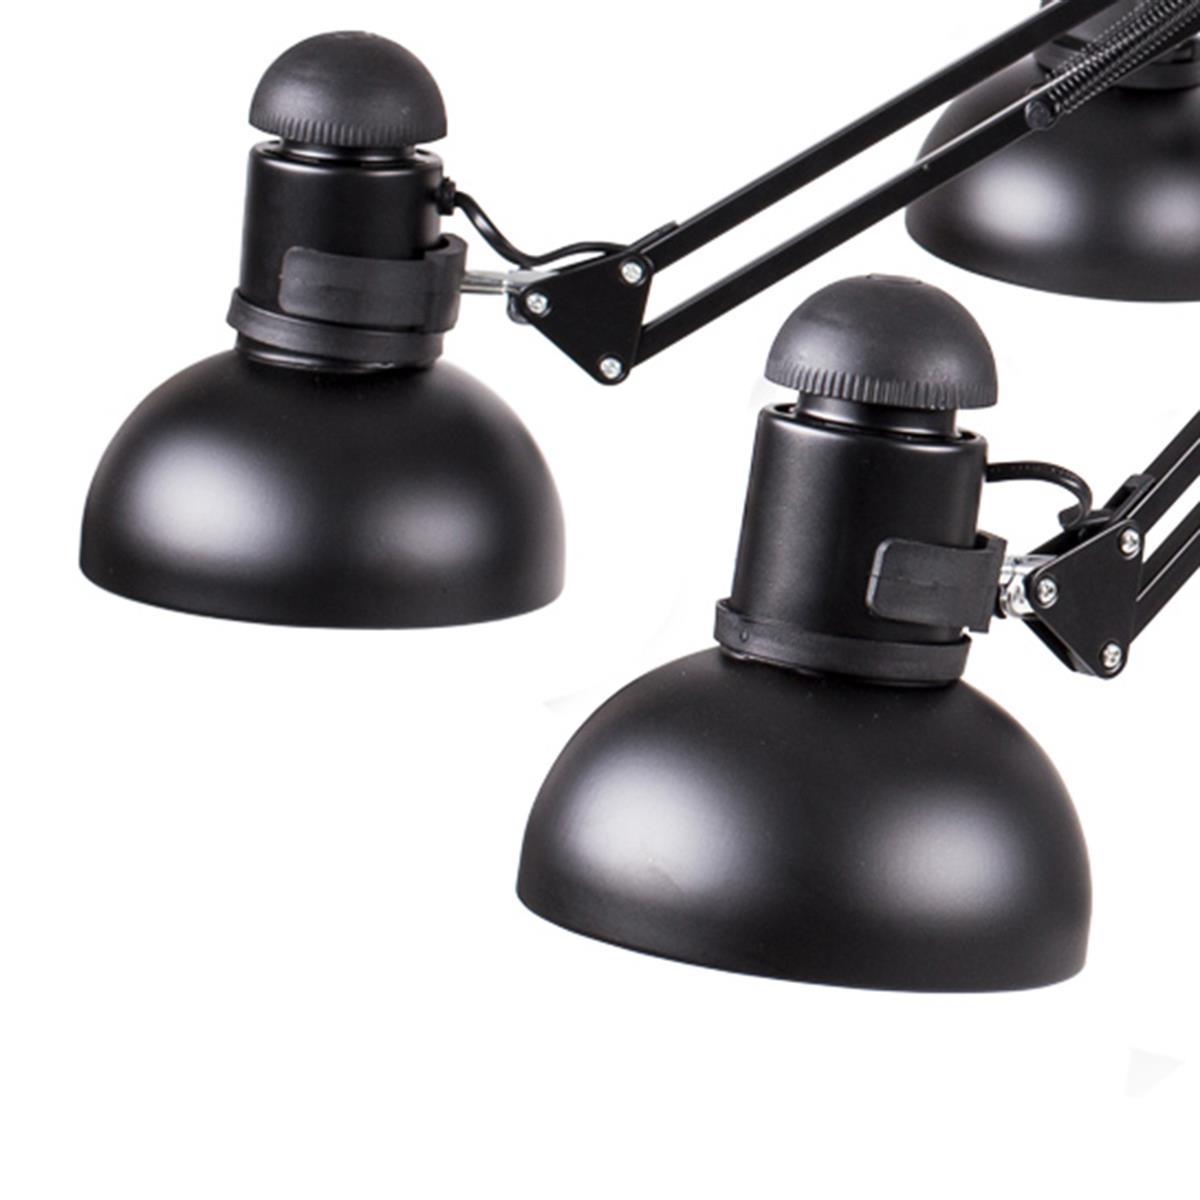 Lampa wisząca SPIDER-9 czarna 65 - 215 cm